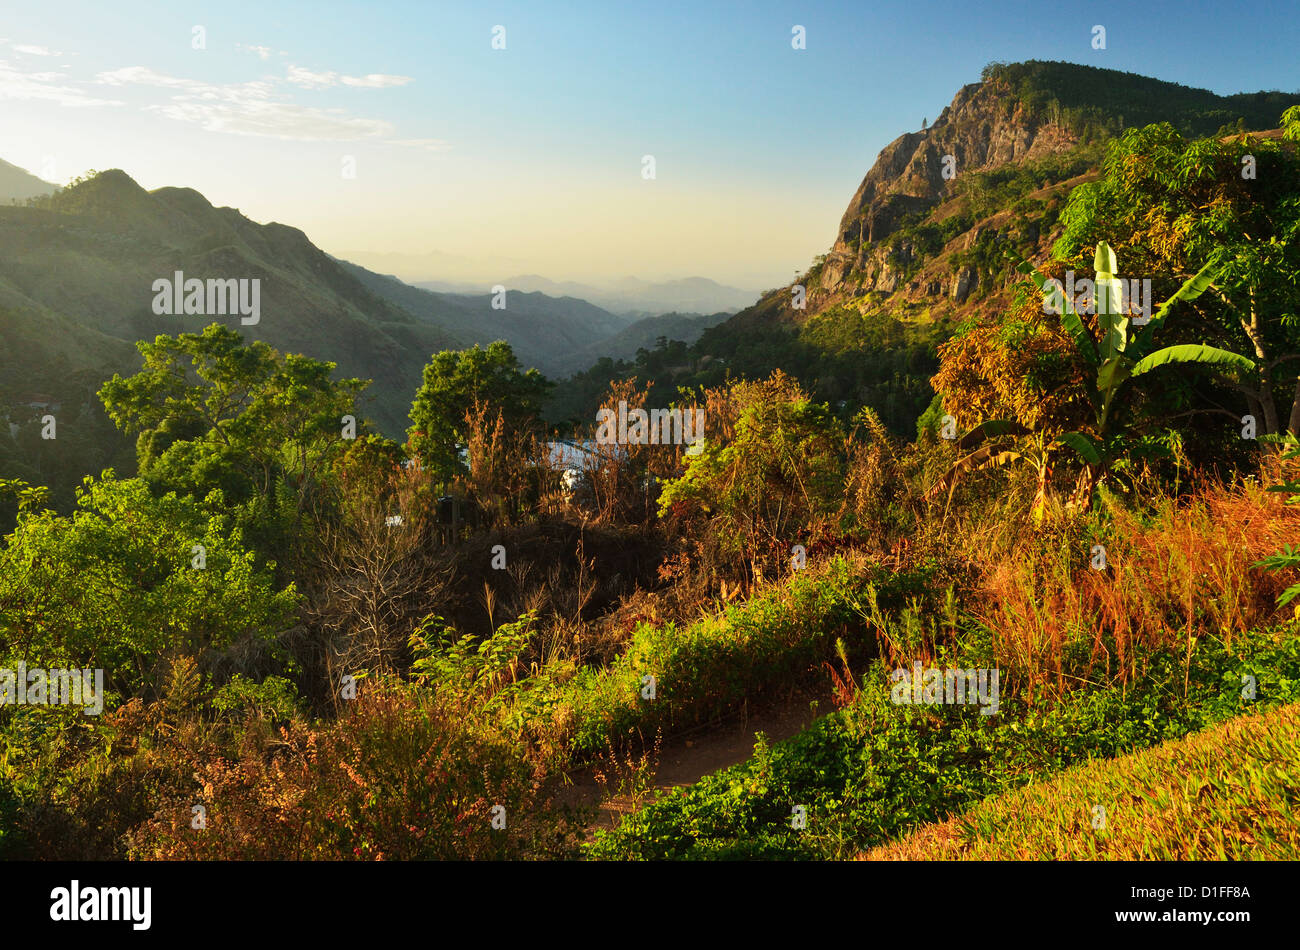 Voir d'Ella Gap vers la côte sud, Ella Village, hauts plateaux du centre, le Sri Lanka, l'Asie Photo Stock